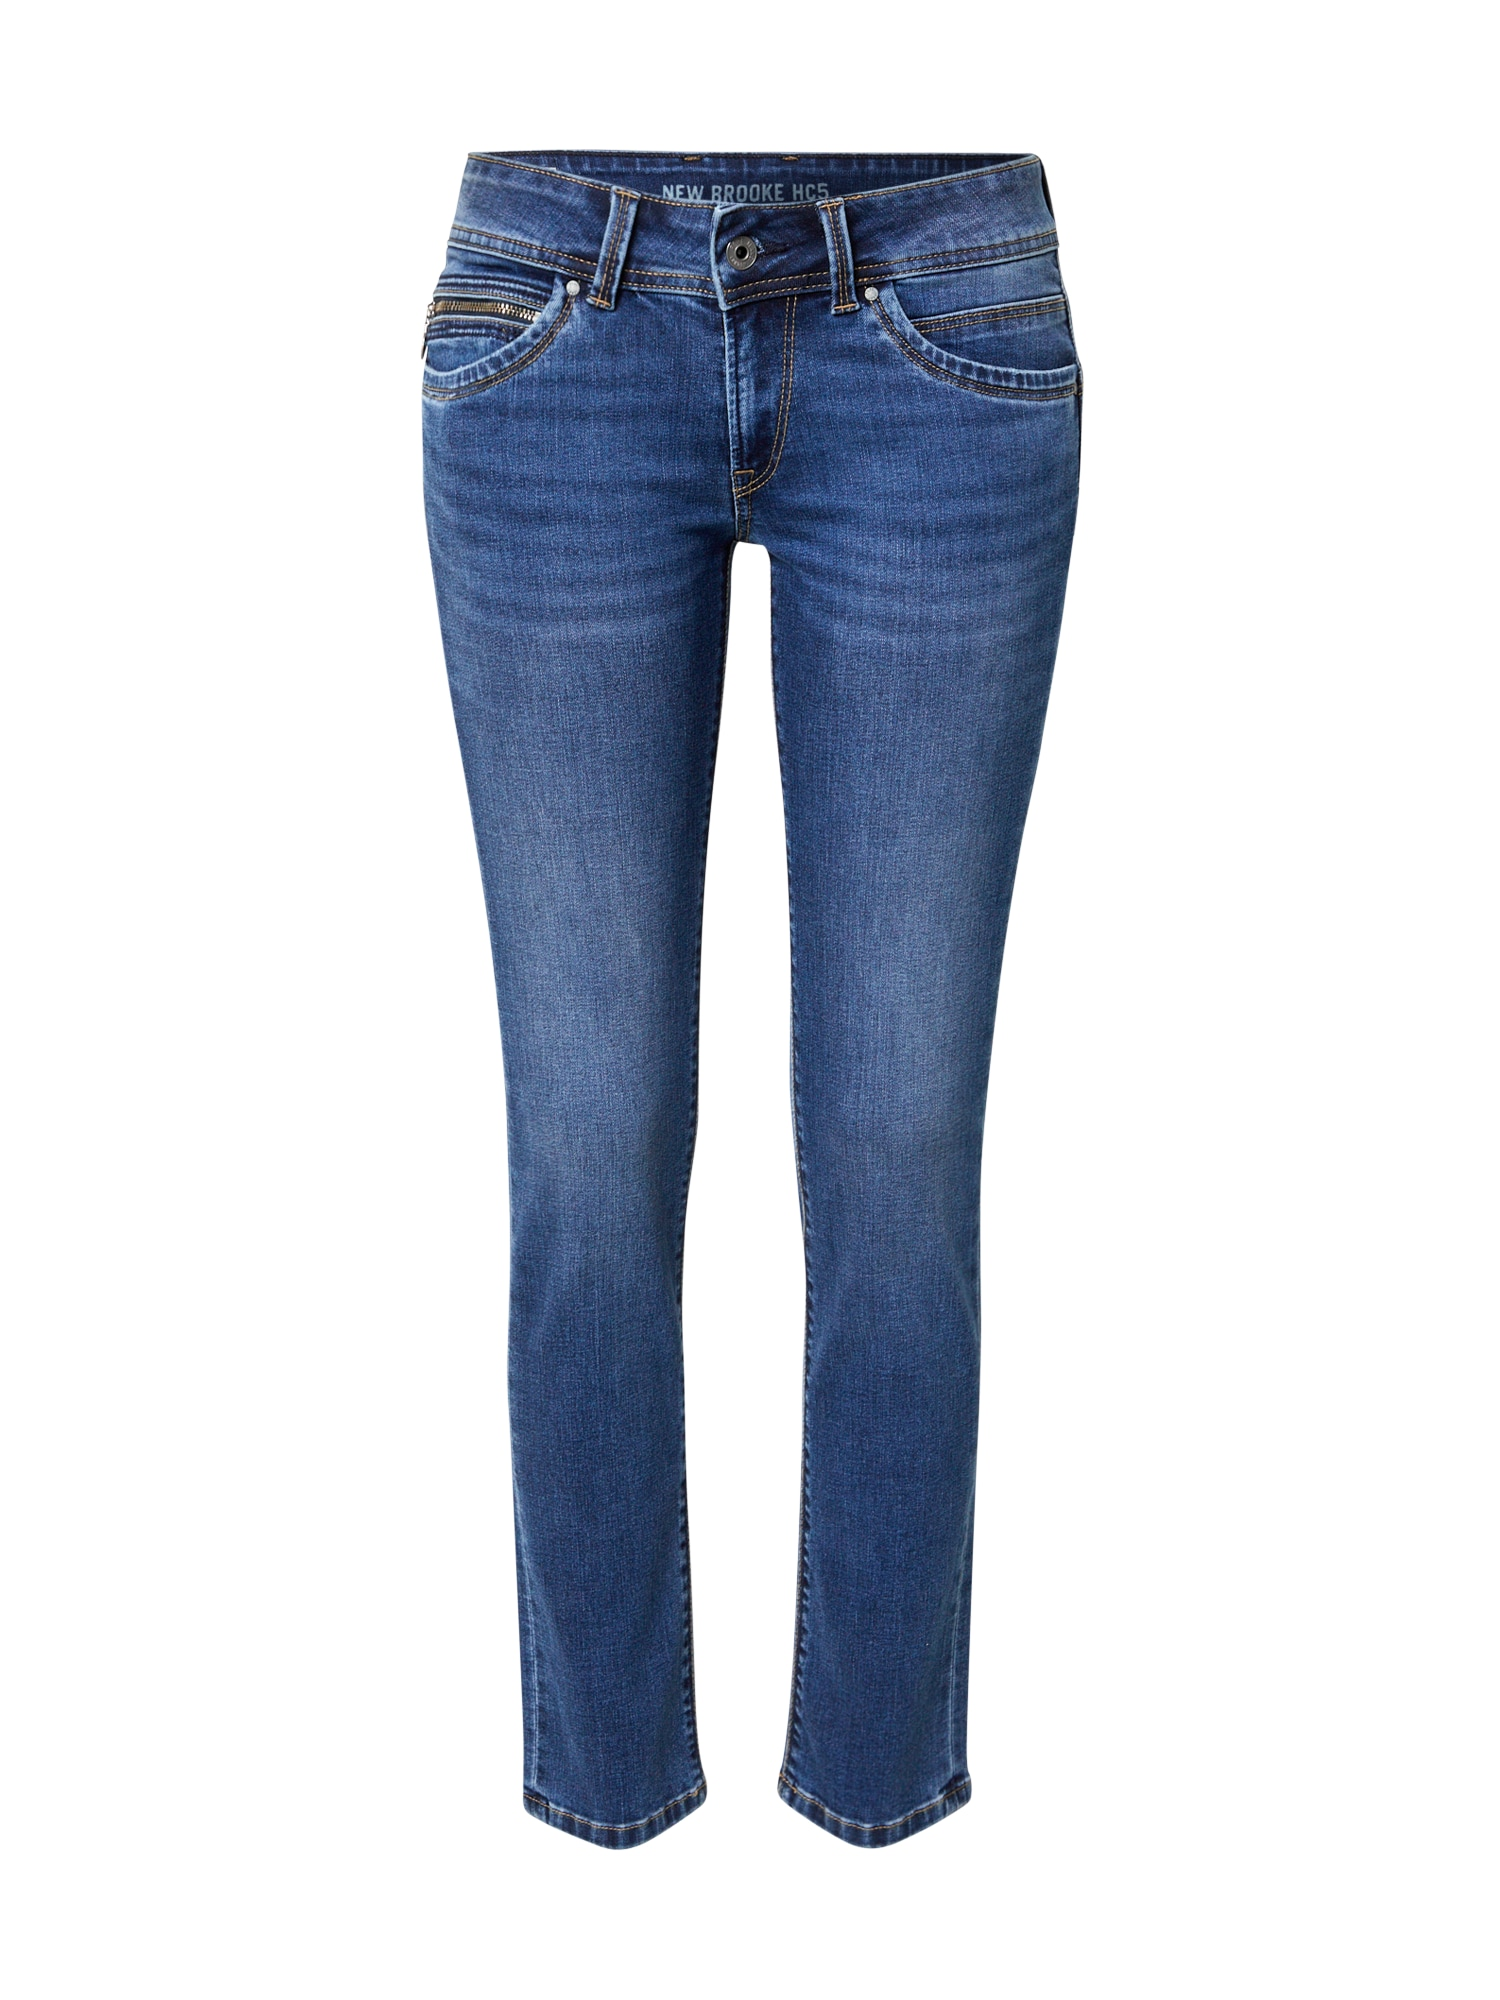 Pepe Jeans Džíny 'New Brooke'  modrá džínovina